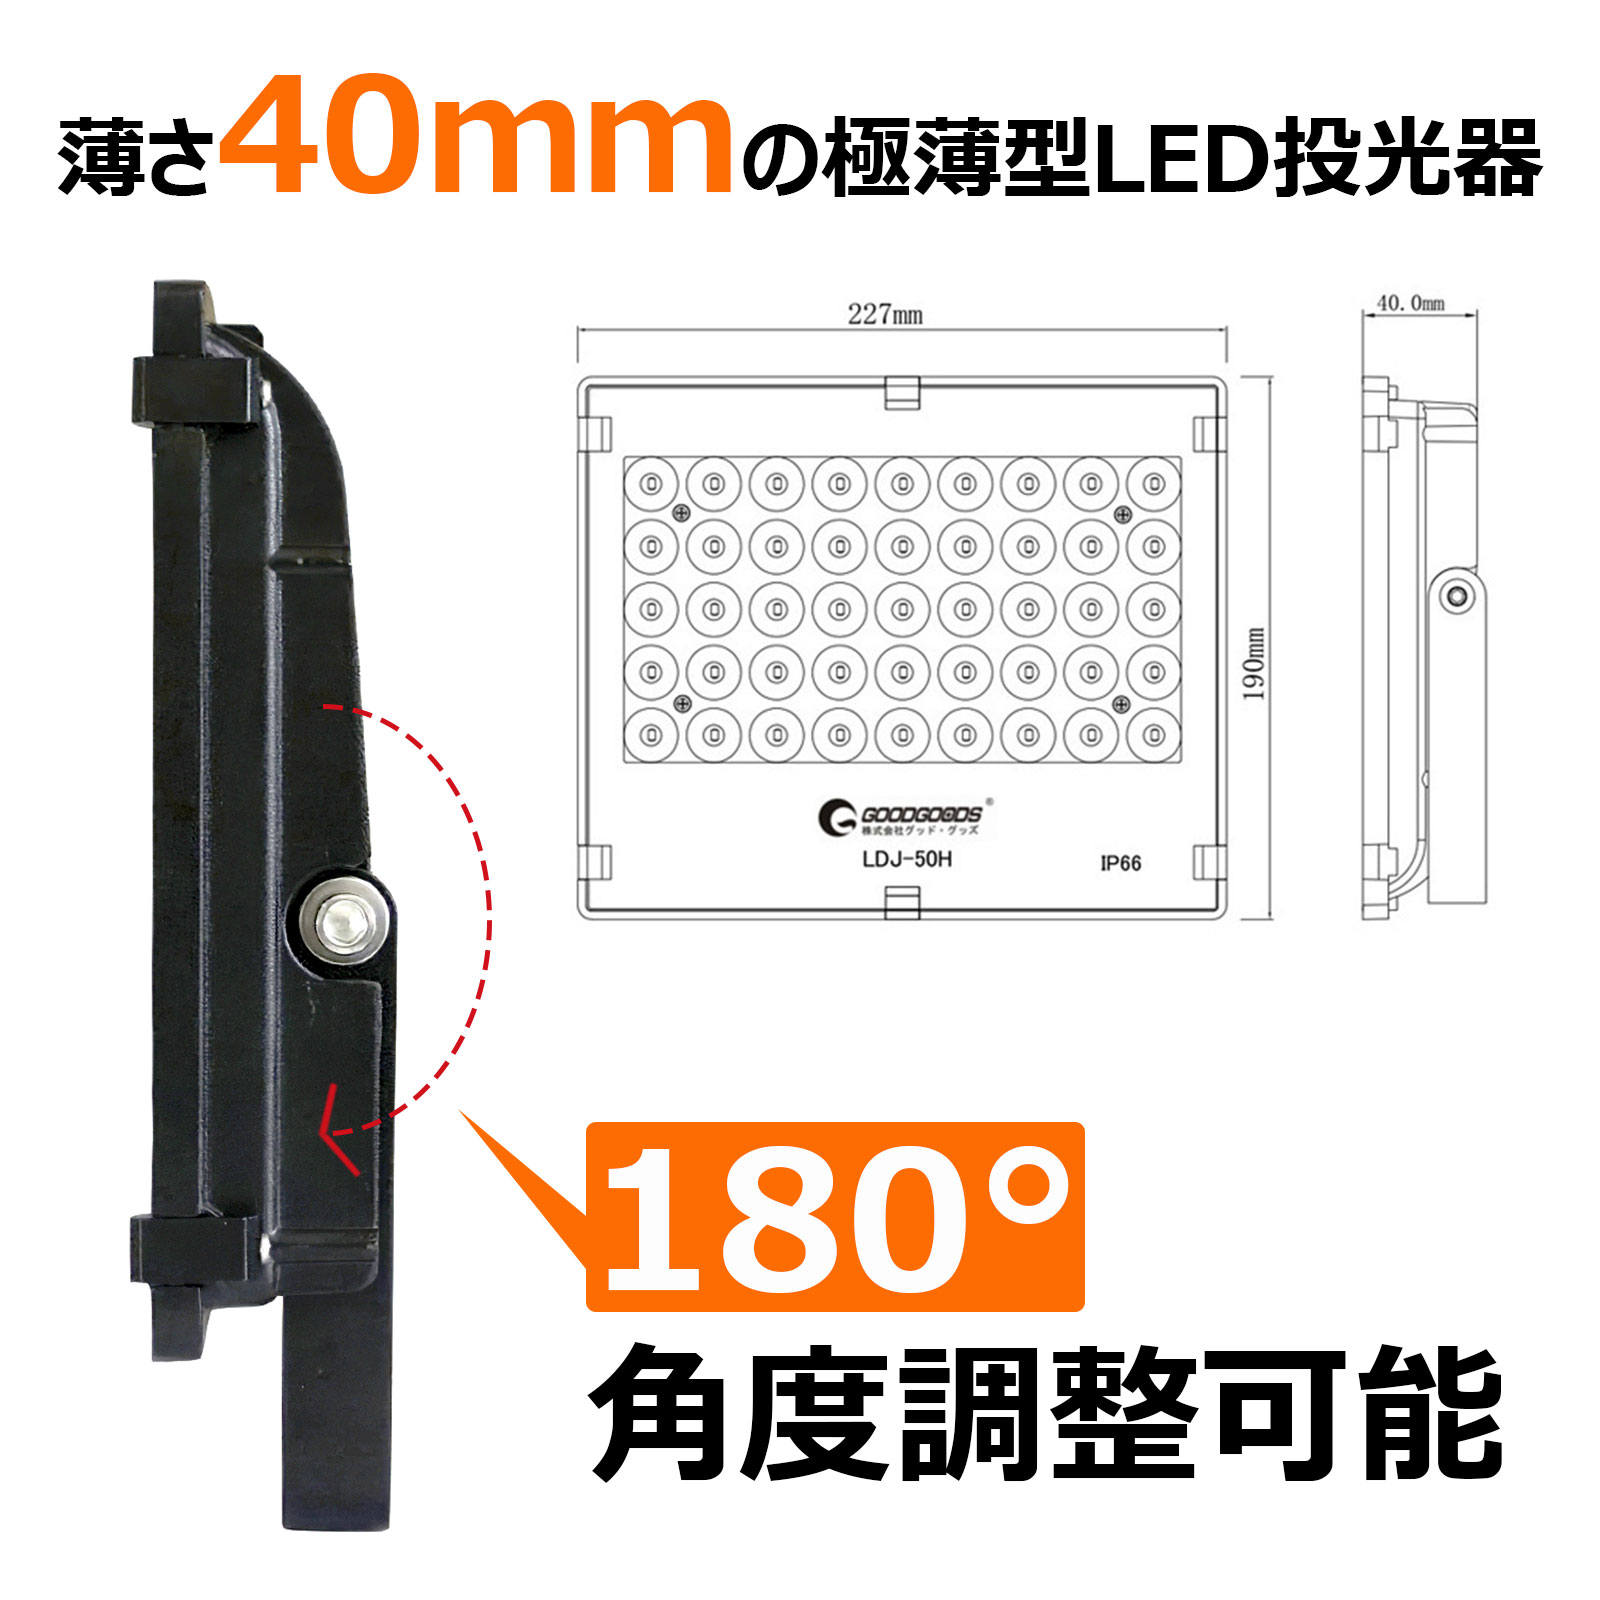 LED投光器 50W 7020LM 極薄型 LEDライト 狭角配光40度 作業灯 屋外 防水 室内